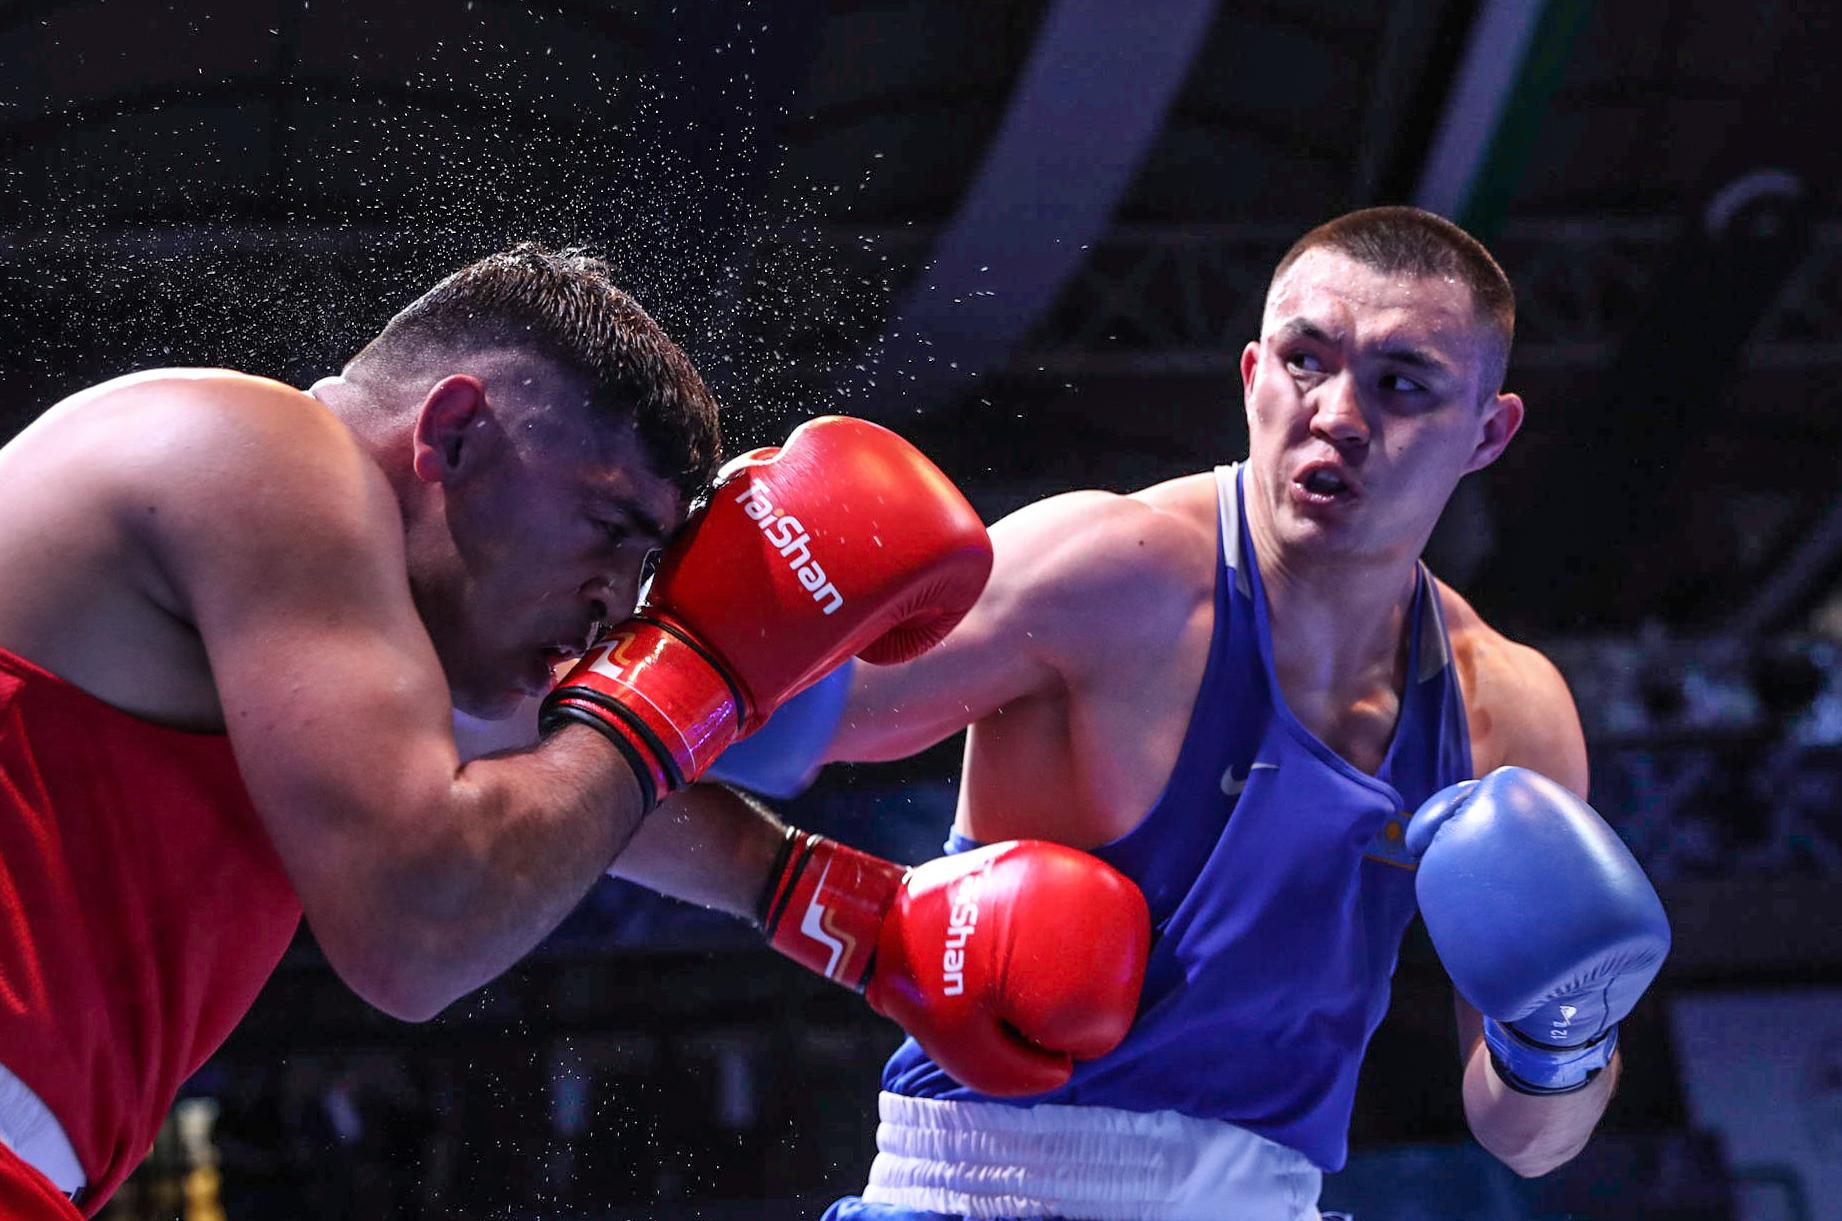 Узбекистан, Таиланд или Индия? Кто станет главным конкурентом Казахстана на ЧА-2019 по боксу